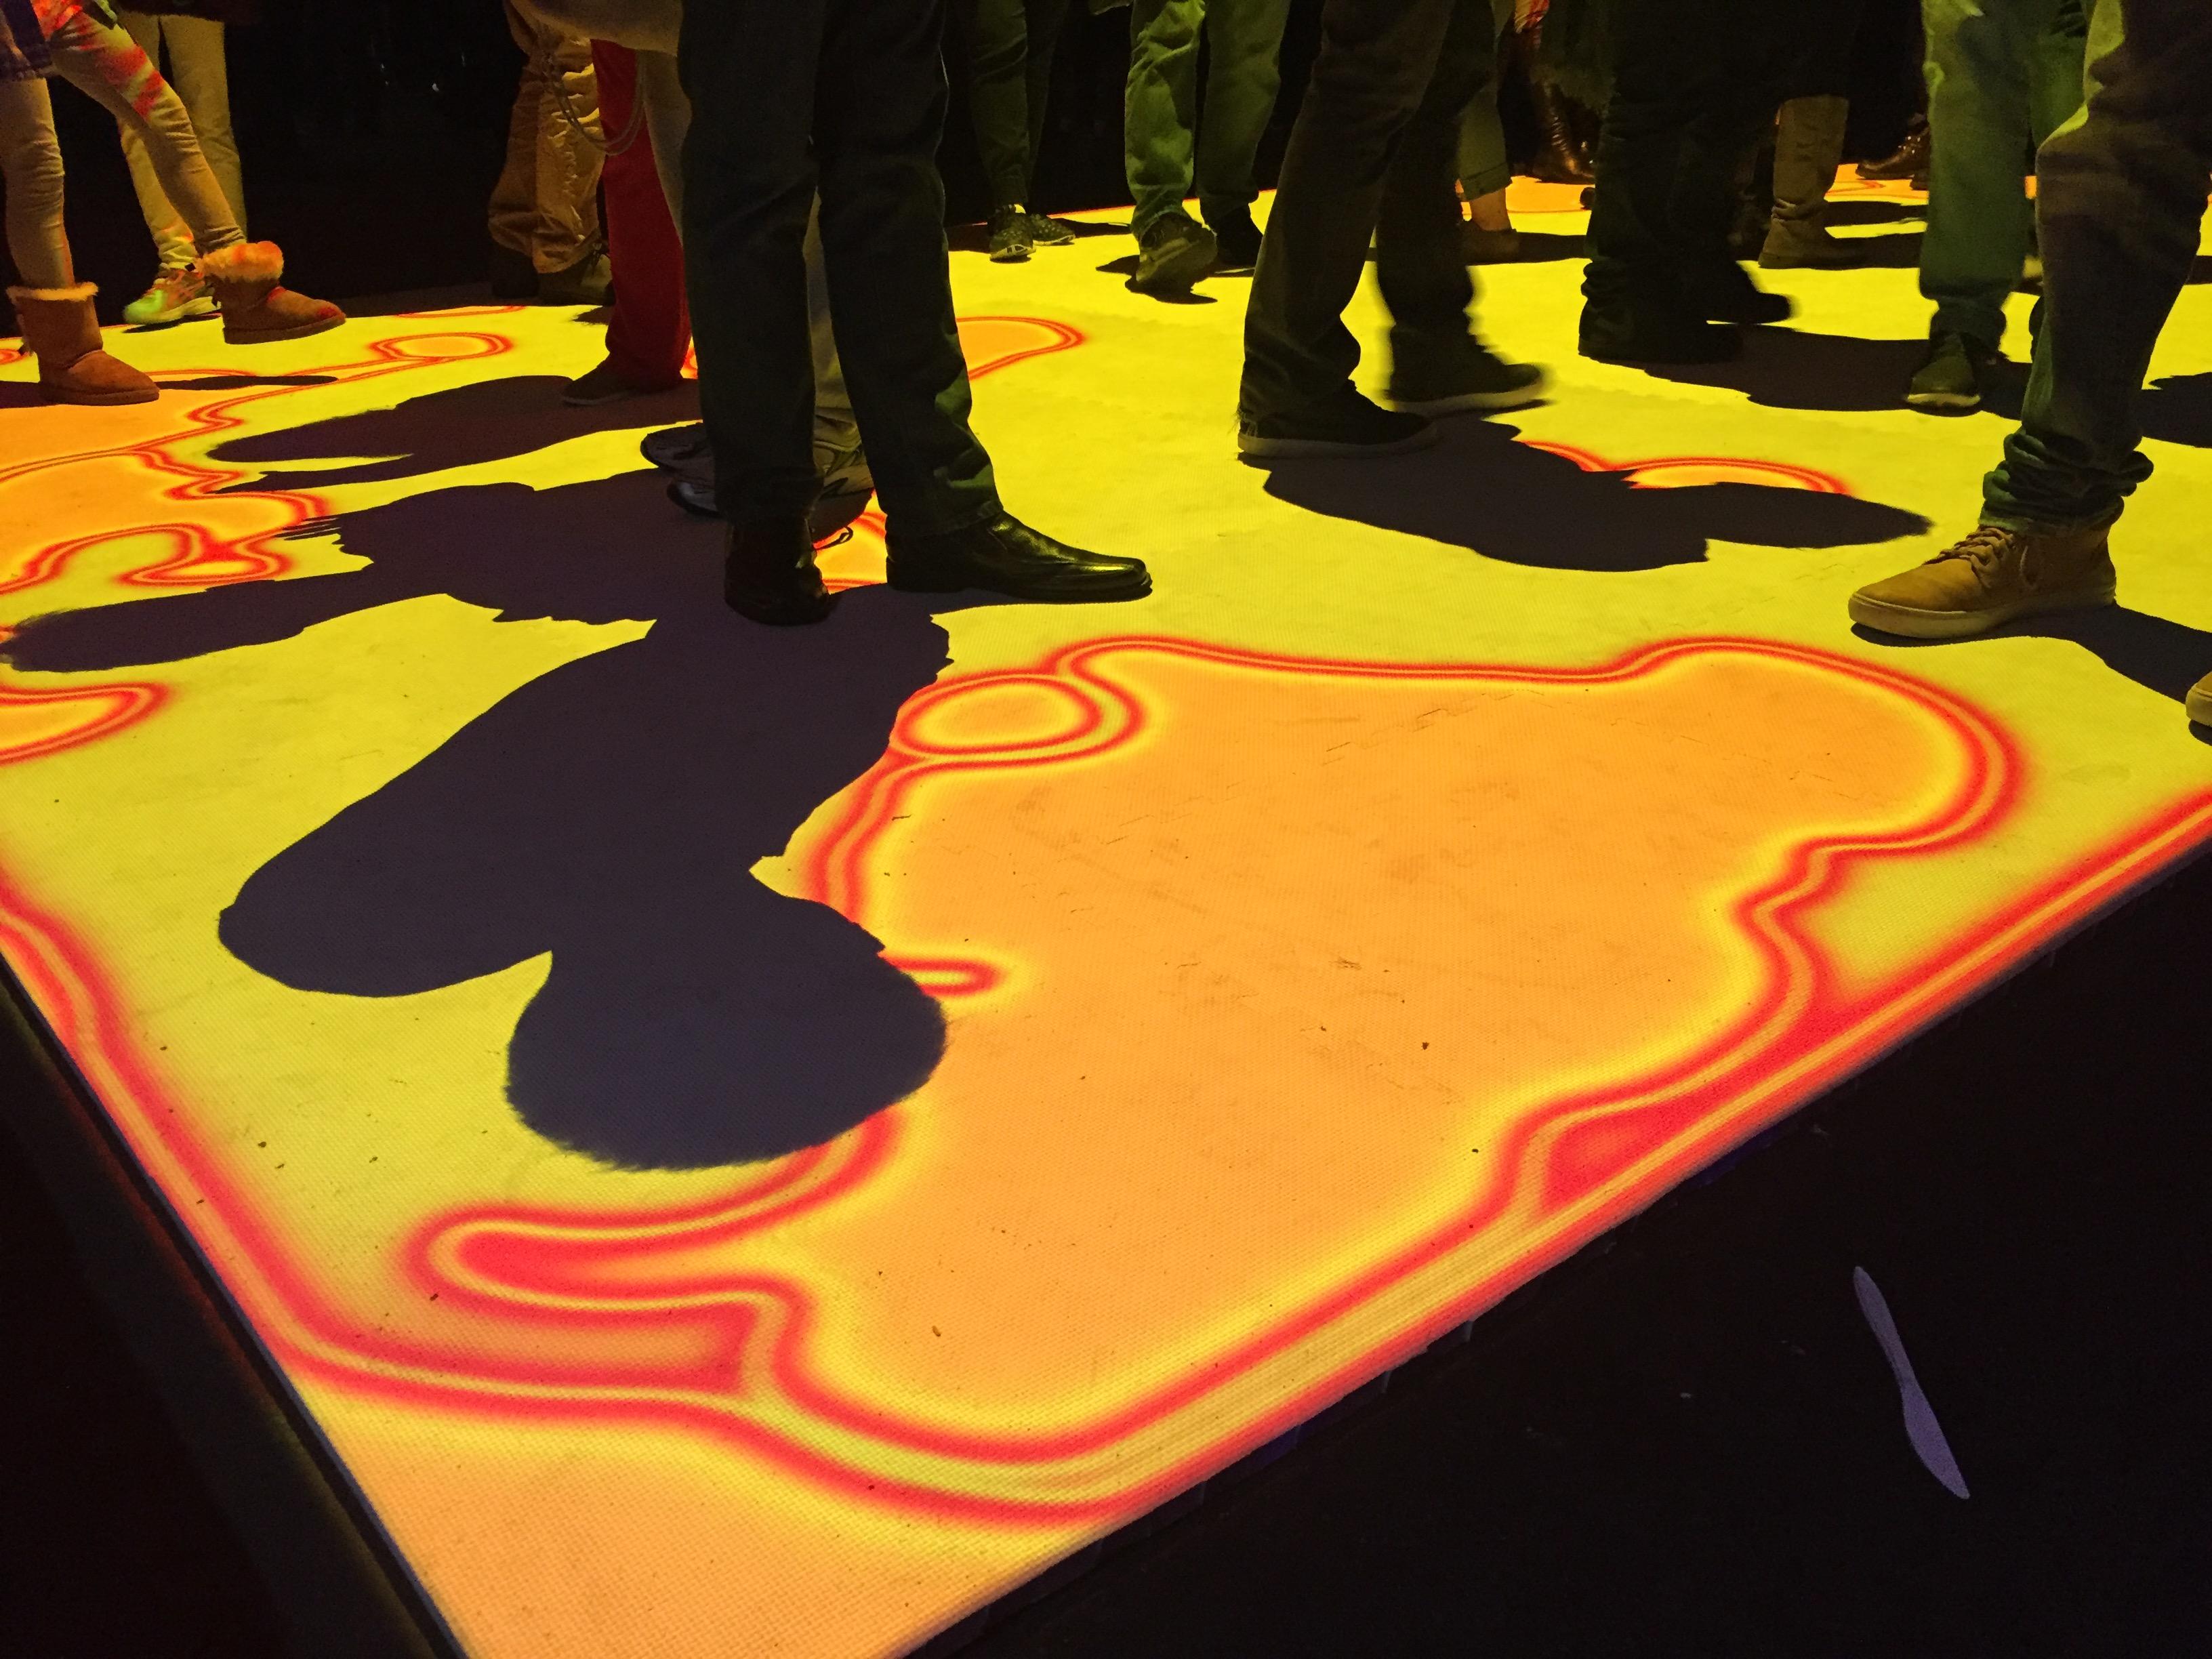 Illuminus\' Art Night Takes Over Fenway | Boston University News Service